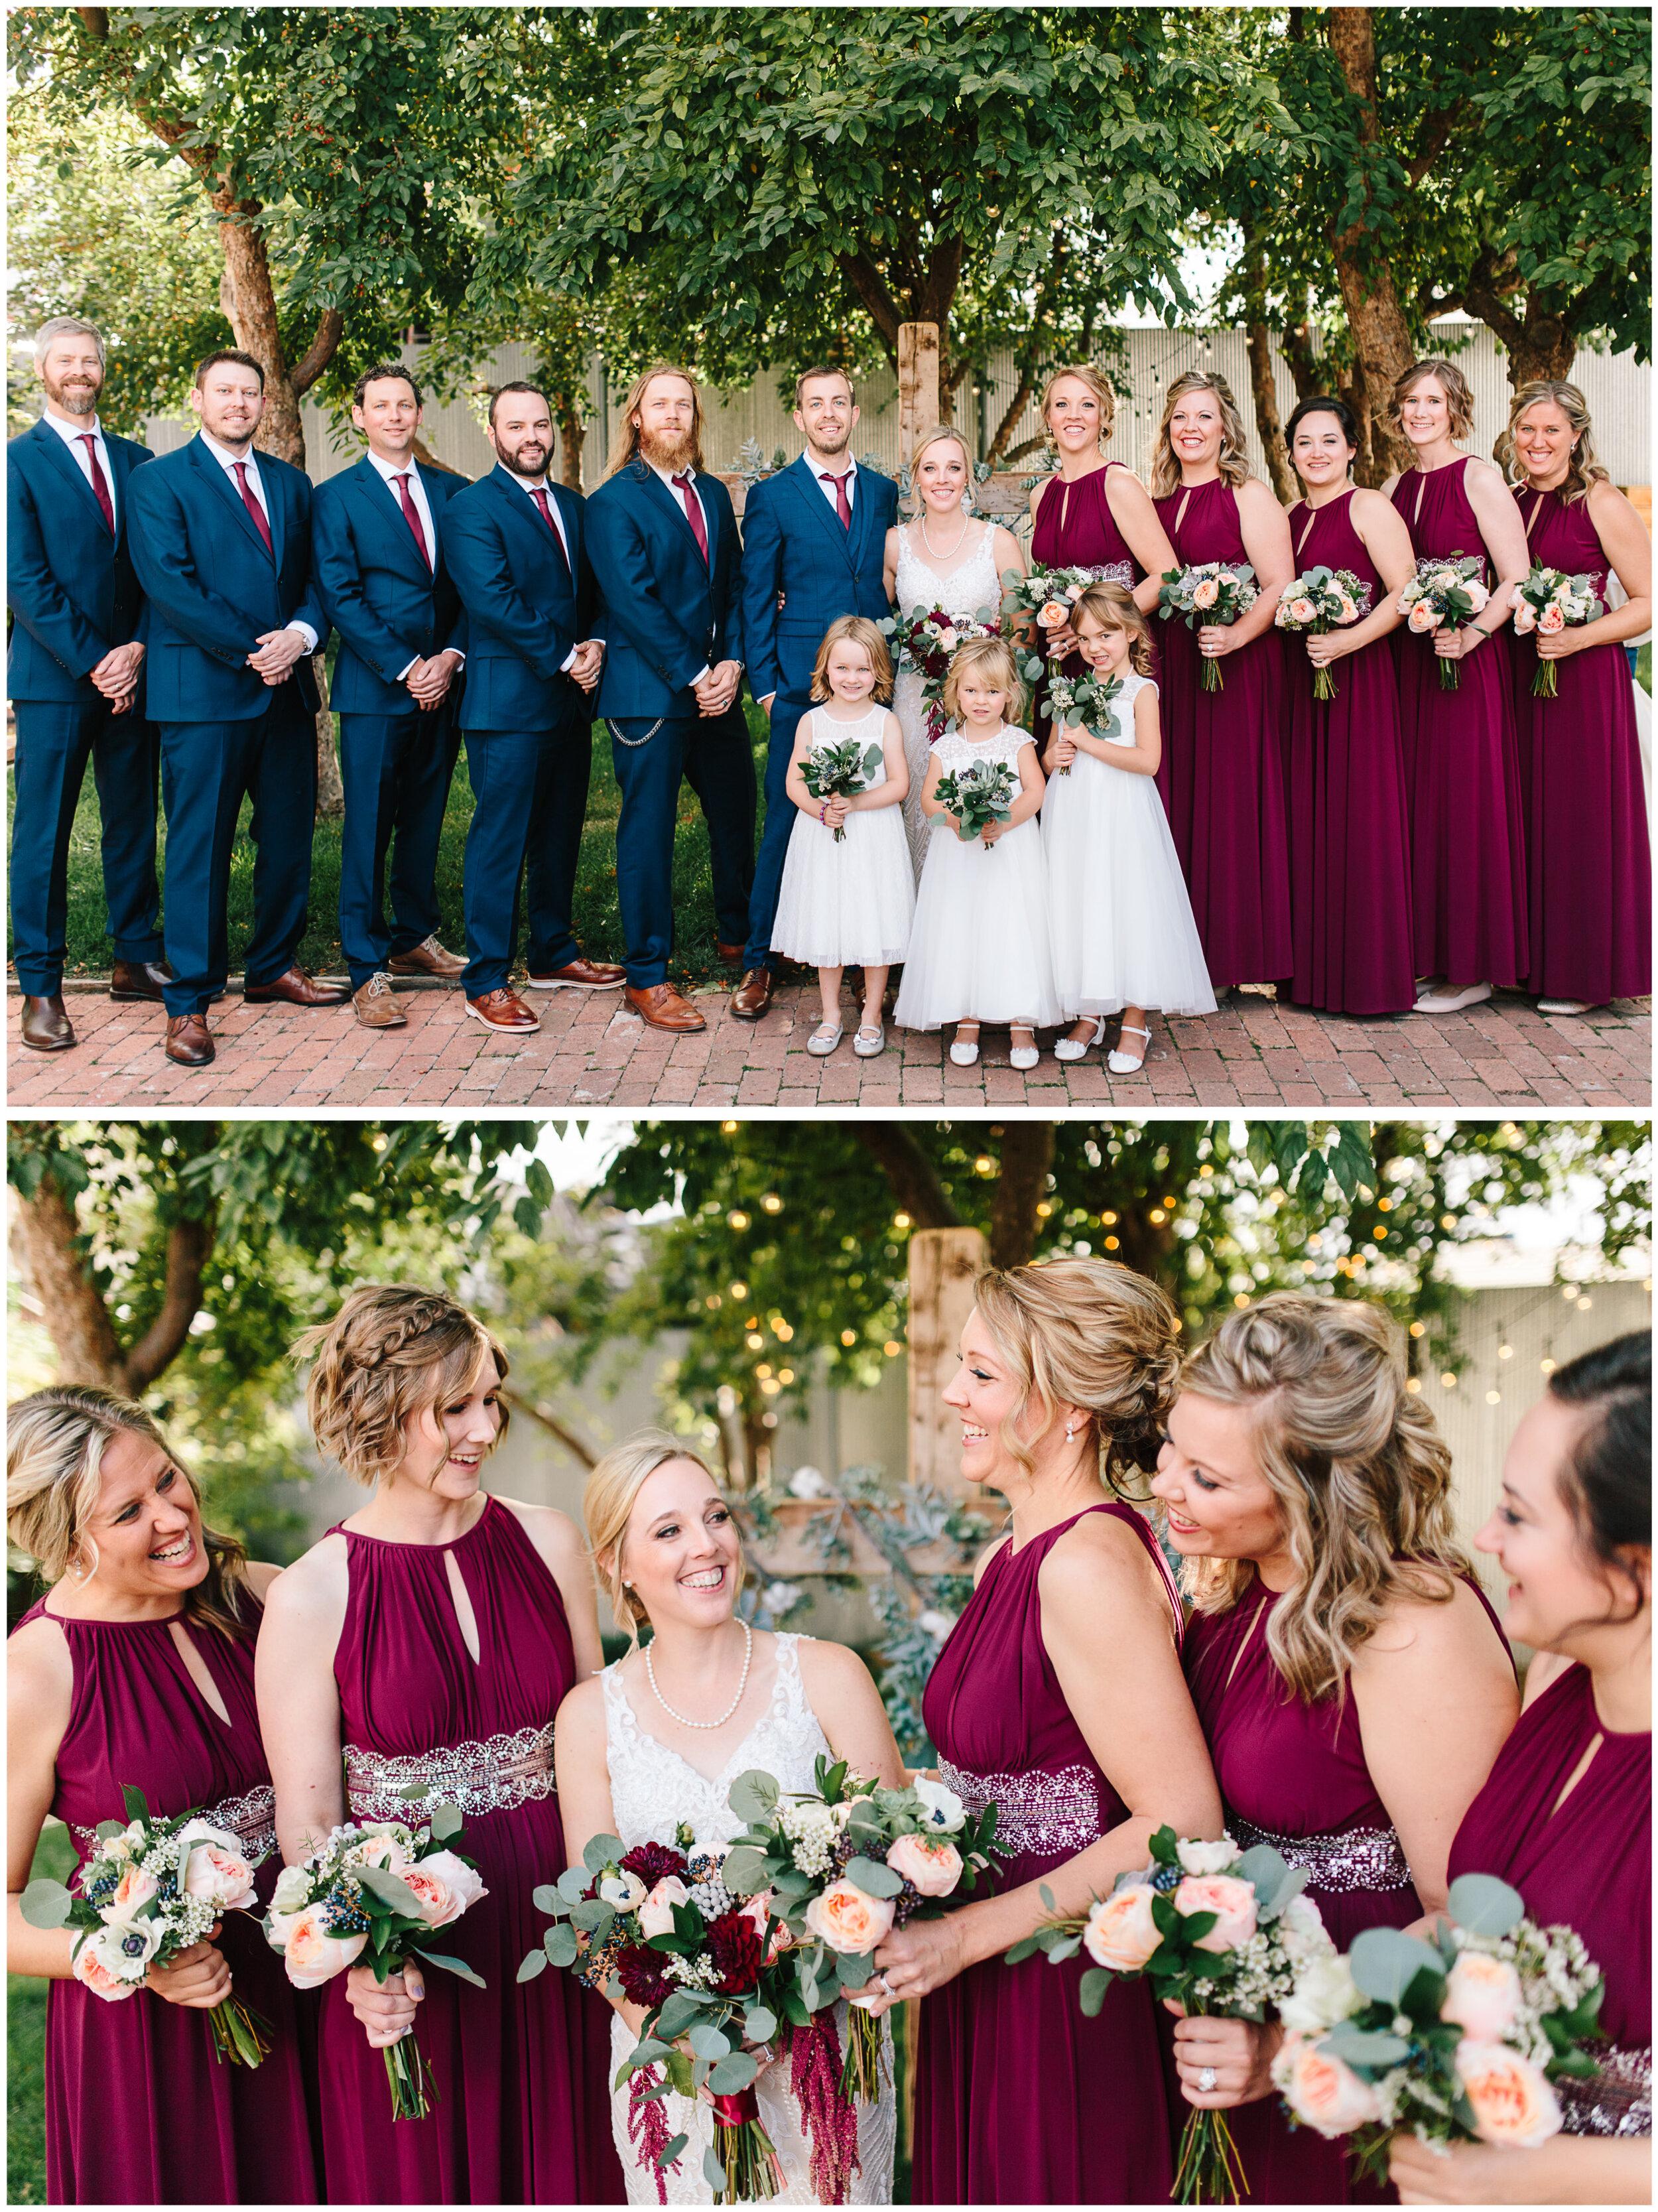 Blanc_Denver_Wedding_54.jpg